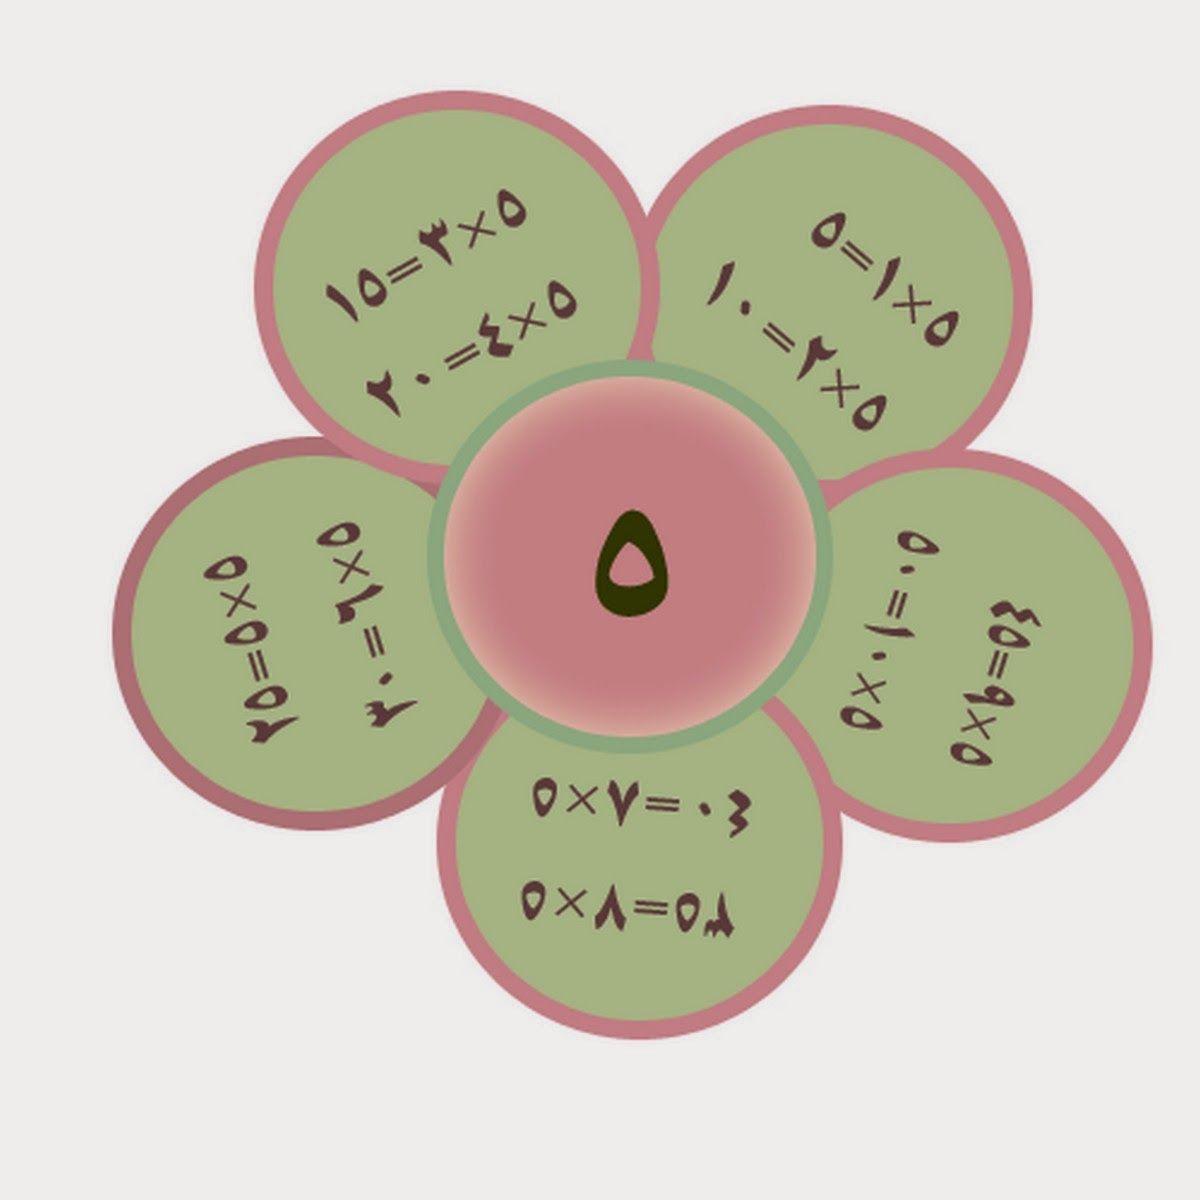 مدرستك بطاقات تعليم جدول الضرب Graduation Diy Math Lessons School Murals